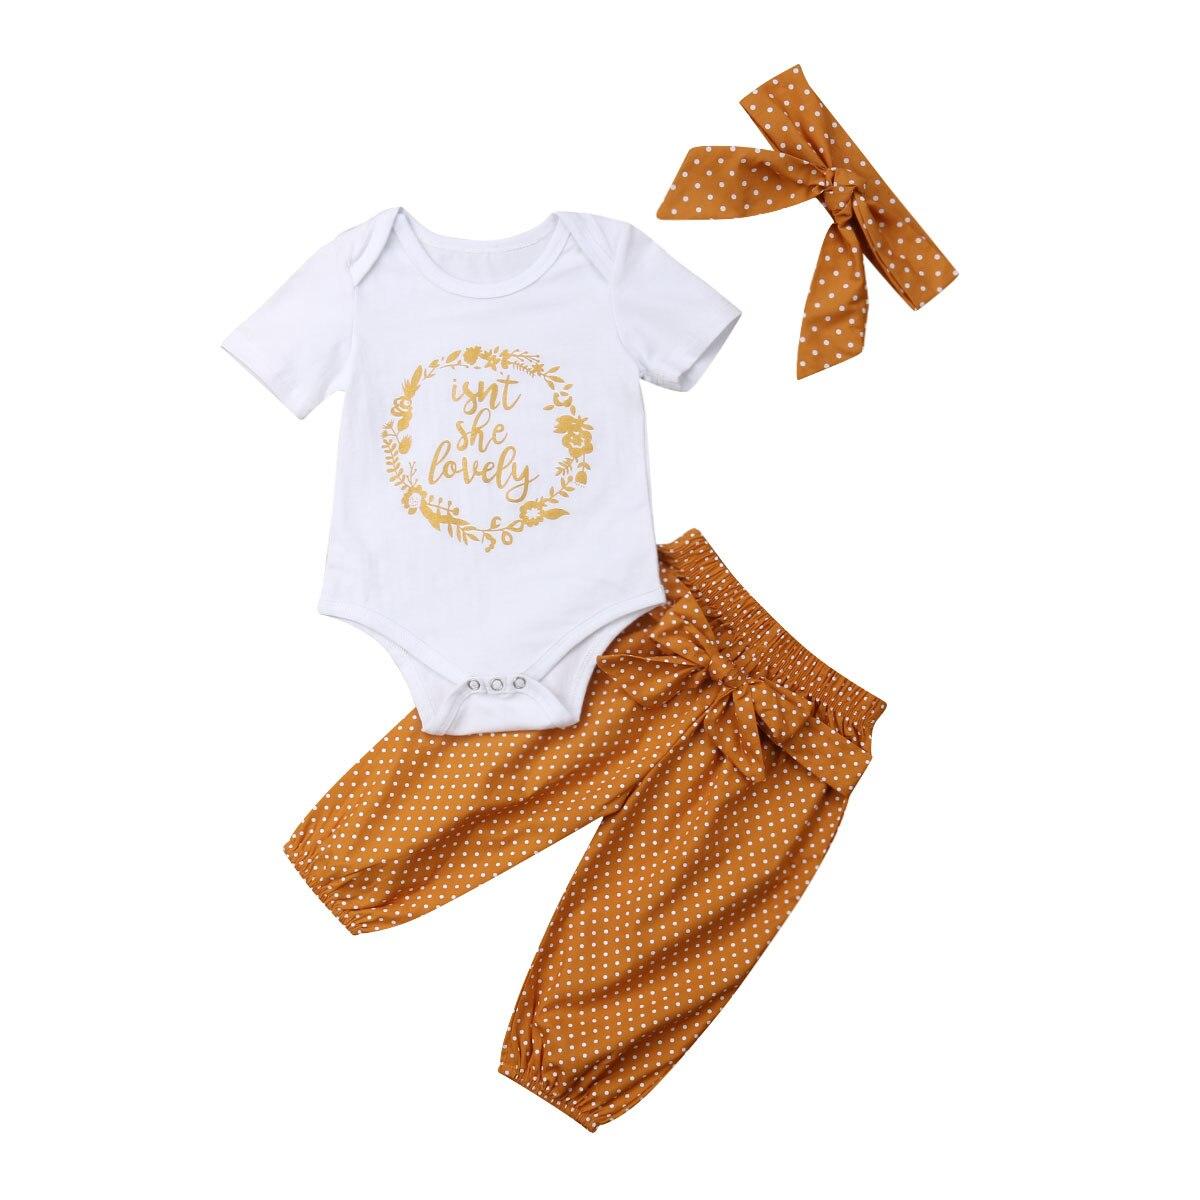 0-18 M Pasgeboren Baby Jongen Meisje Korte Mouw Katoen Bodysuit Tops Dot Lange Broek Broek Hoofdband 3 Pcs Outfits Zomer Kleding Set Pure En Milde Smaak